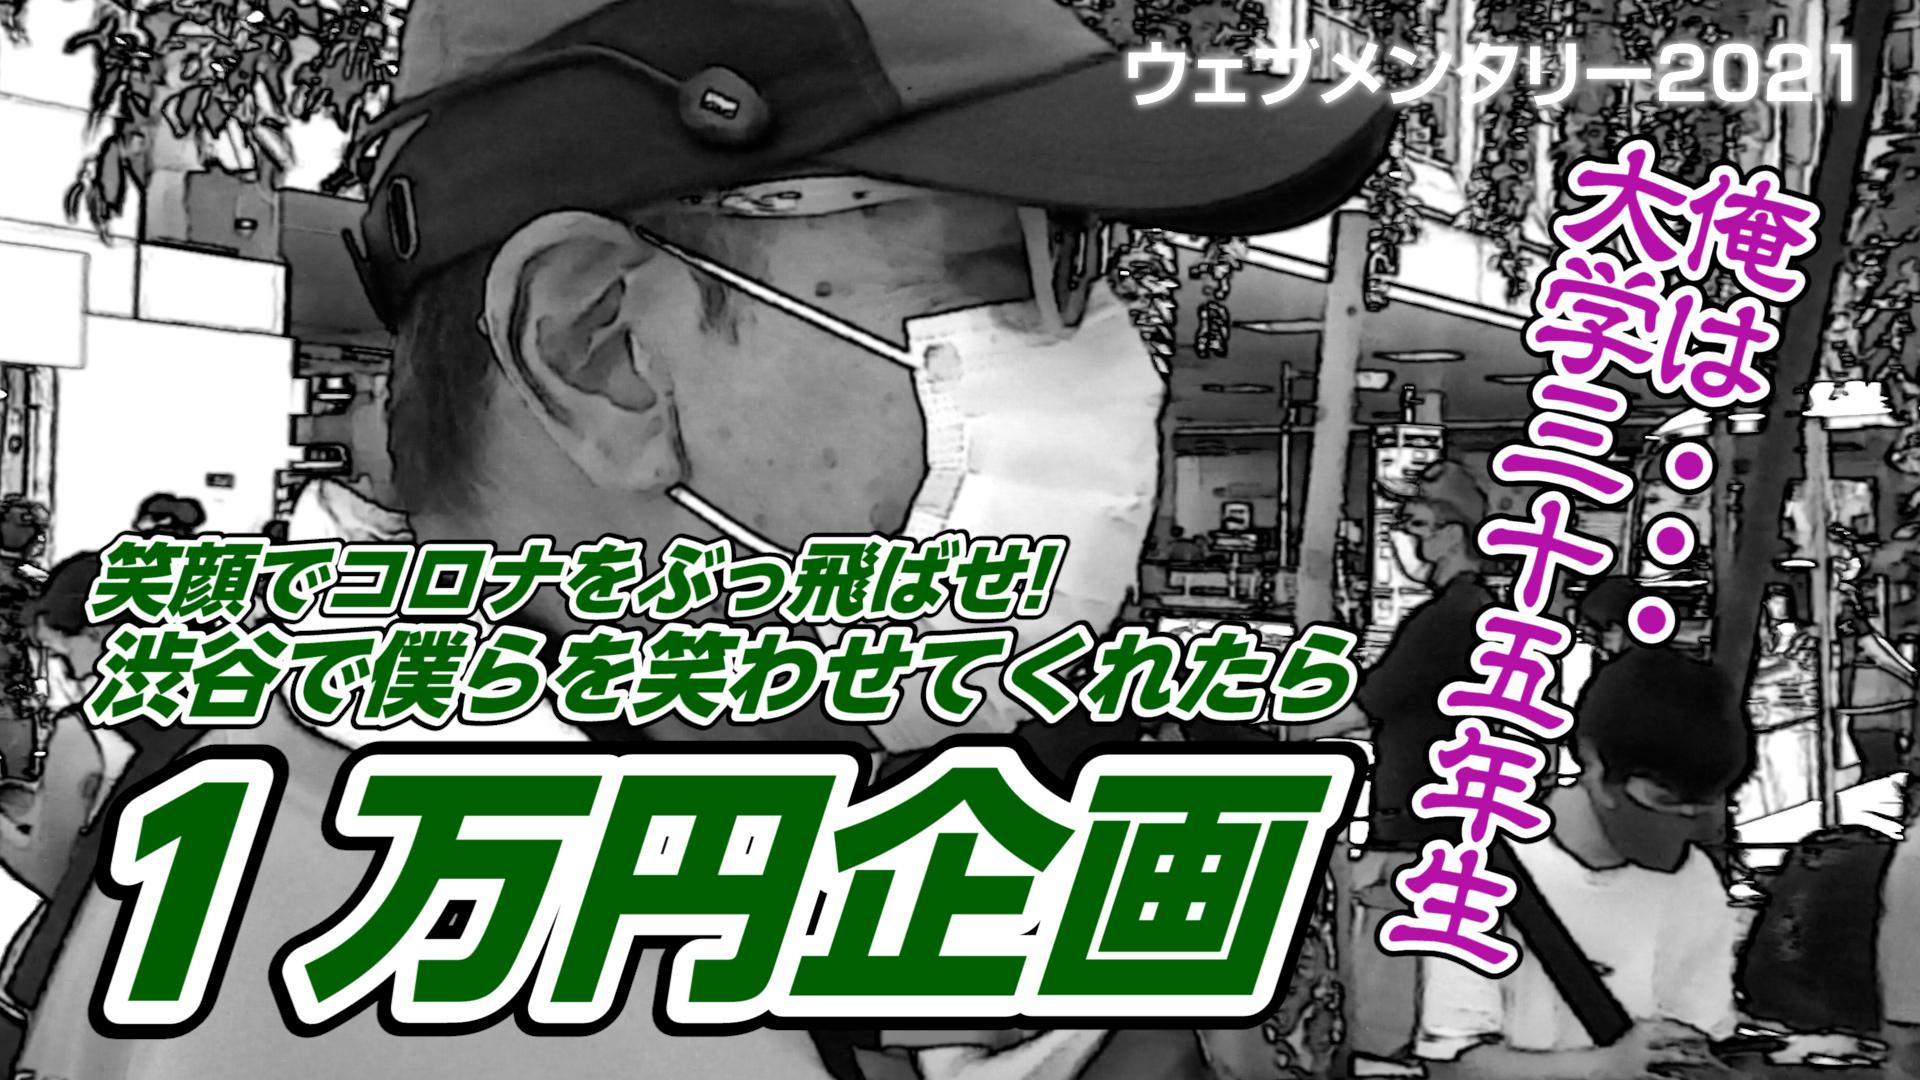 笑顔でコロナをぶっ飛ばせ!僕らを笑かしたら1万円!渋谷ハチ公前企画 - ドキュメンタリー「ウェブメンタリー」